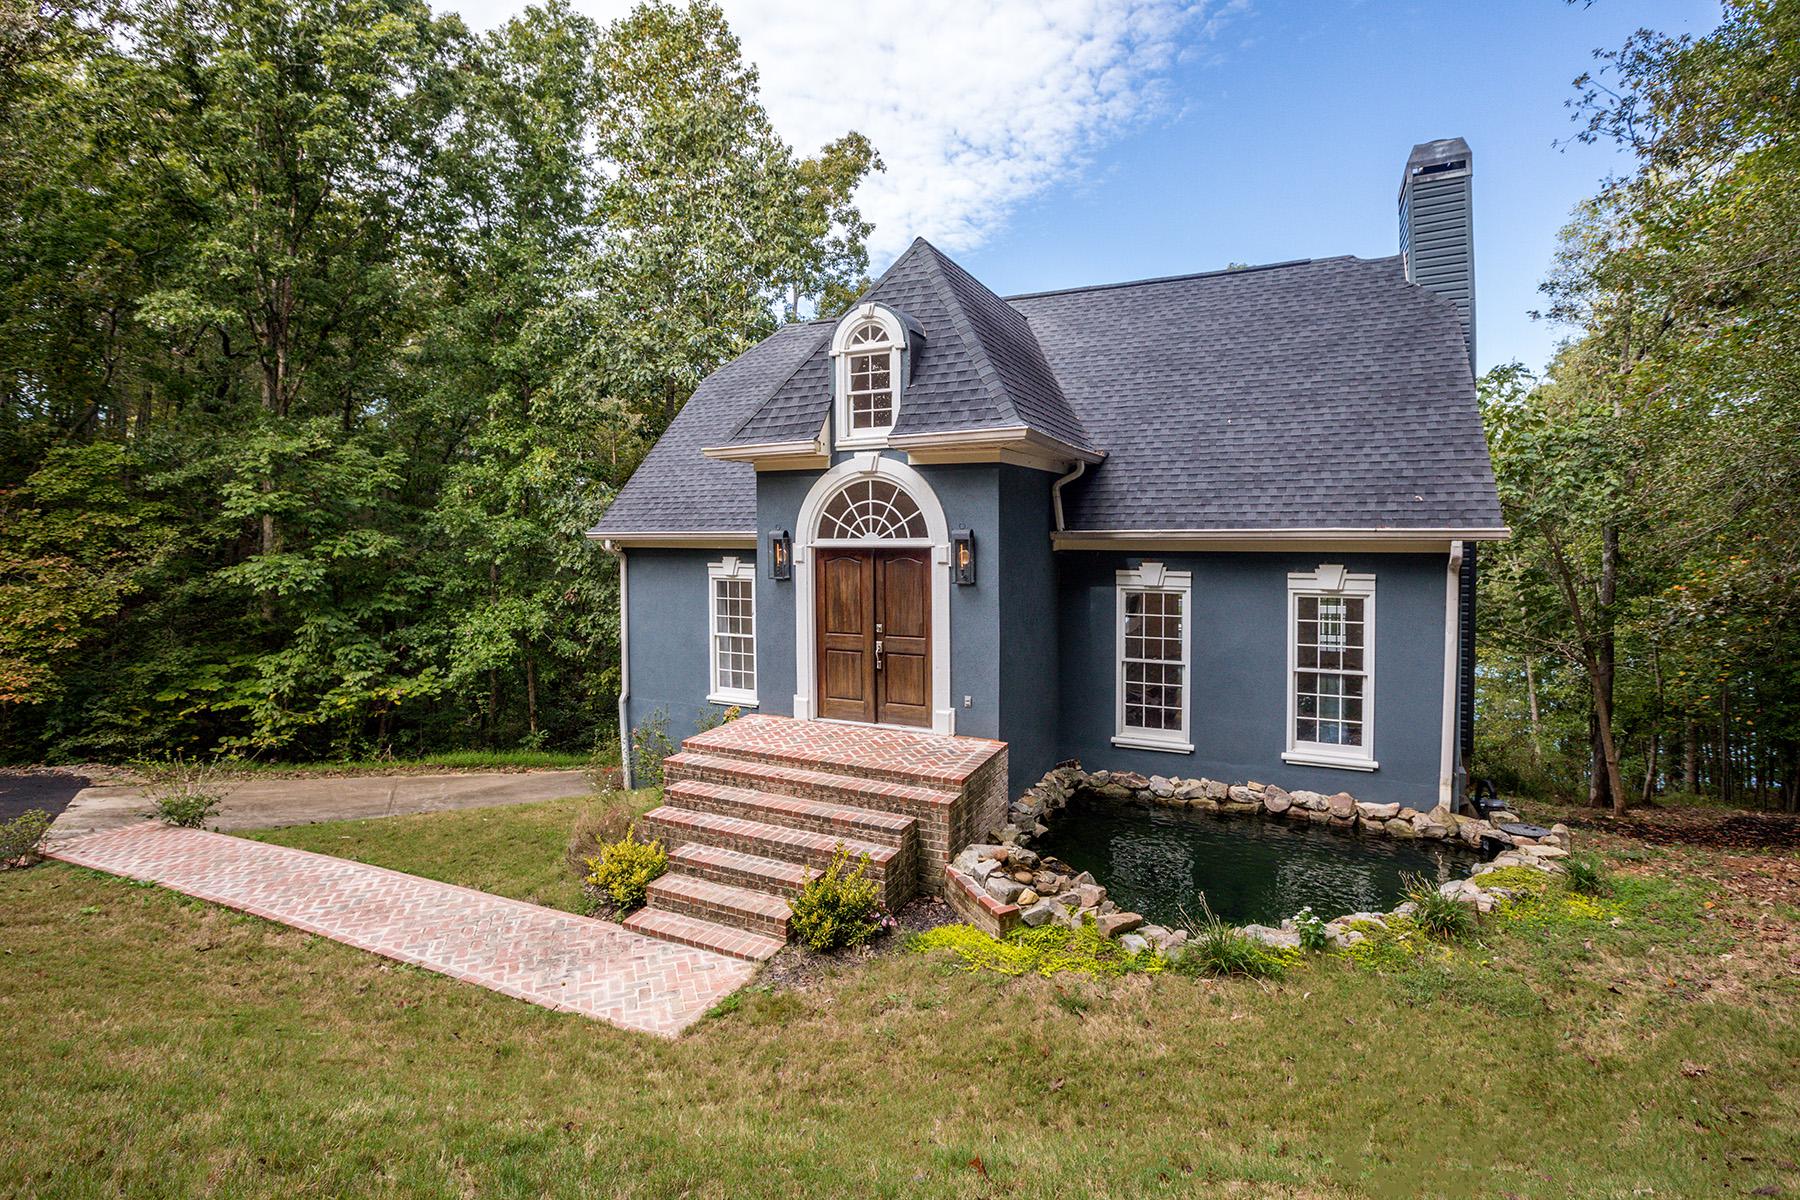 Maison unifamiliale pour l Vente à Lake Lanier Retreat 4215 Cagle Road Lula, Georgia 30554 États-Unis